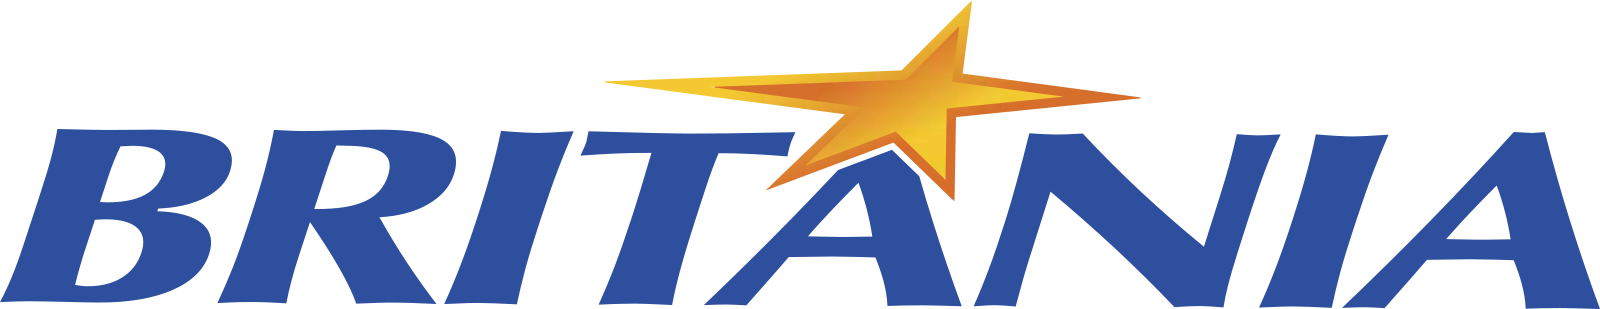 britania logo 3 - Britânia Eletrodomésticos Logo